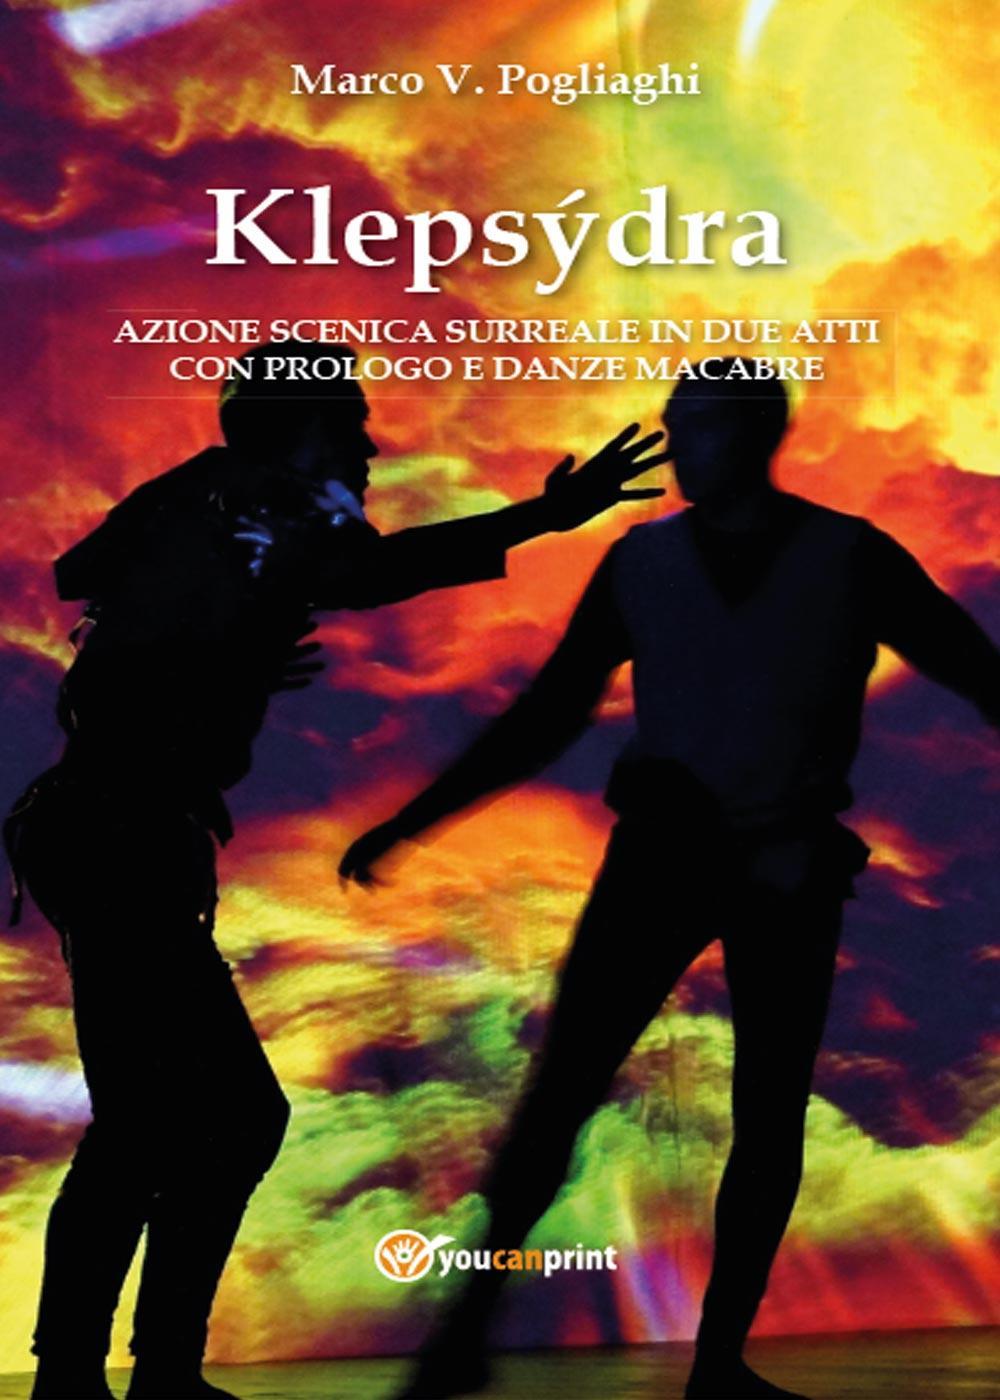 Klepsýdra: azione scenica surreale in due atti con prologo e danze macabre